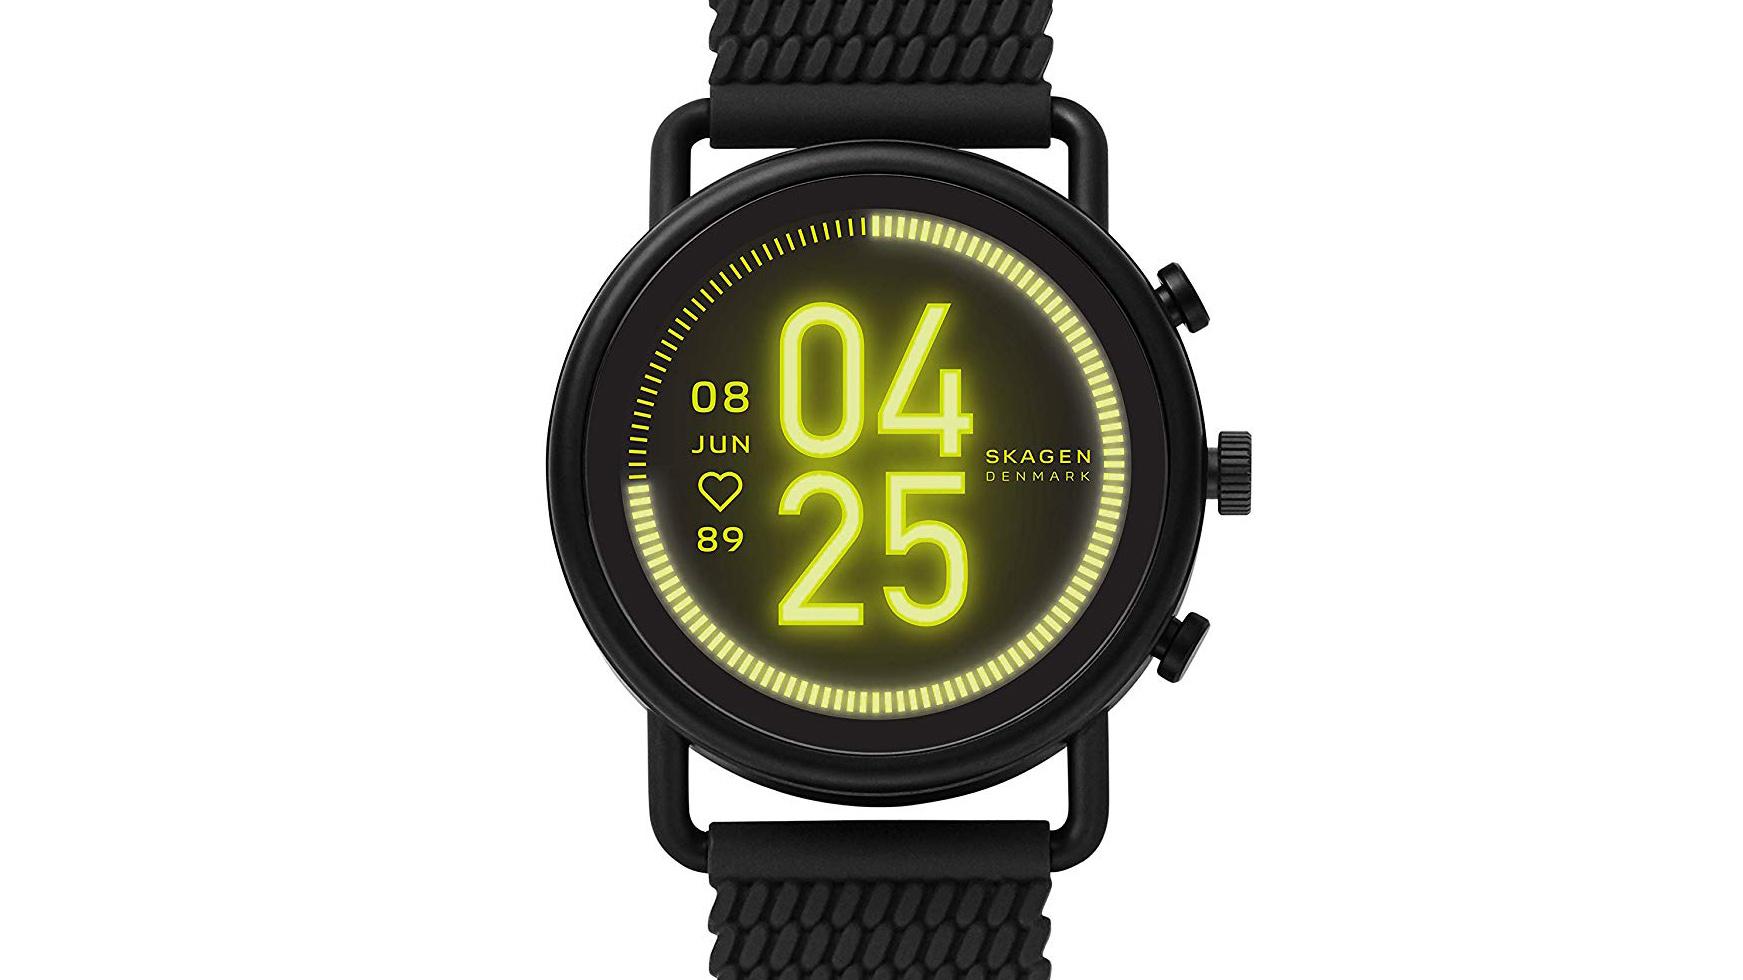 SKAGEN představil chytré hodinky Falster 3 [CES]